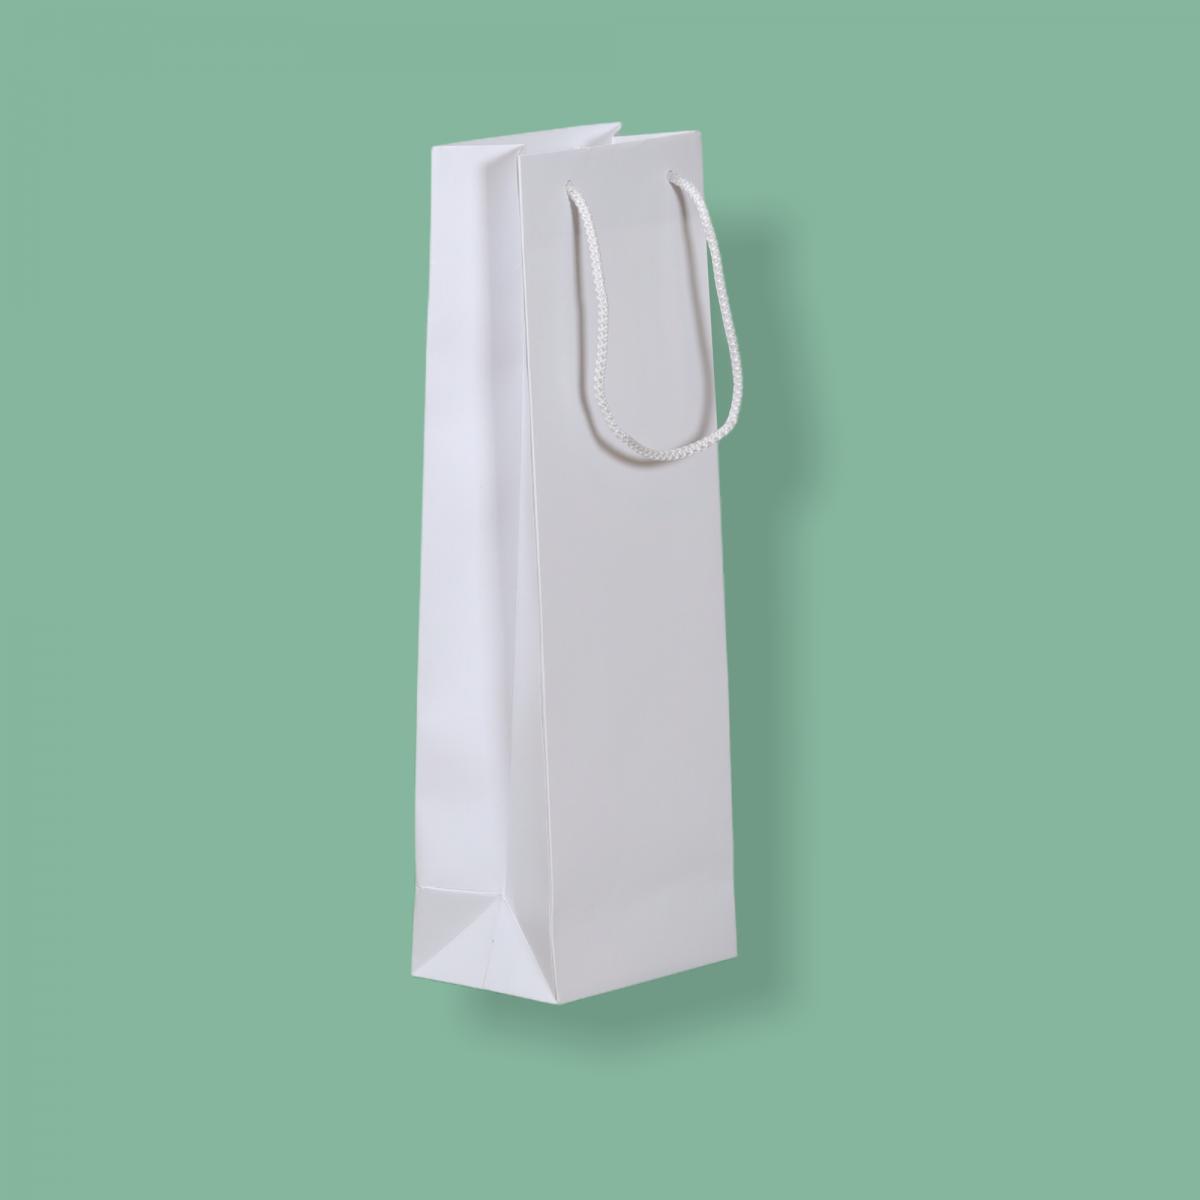 Zsinórfüles fehér simított kraft  13 x 39 + 9 cm